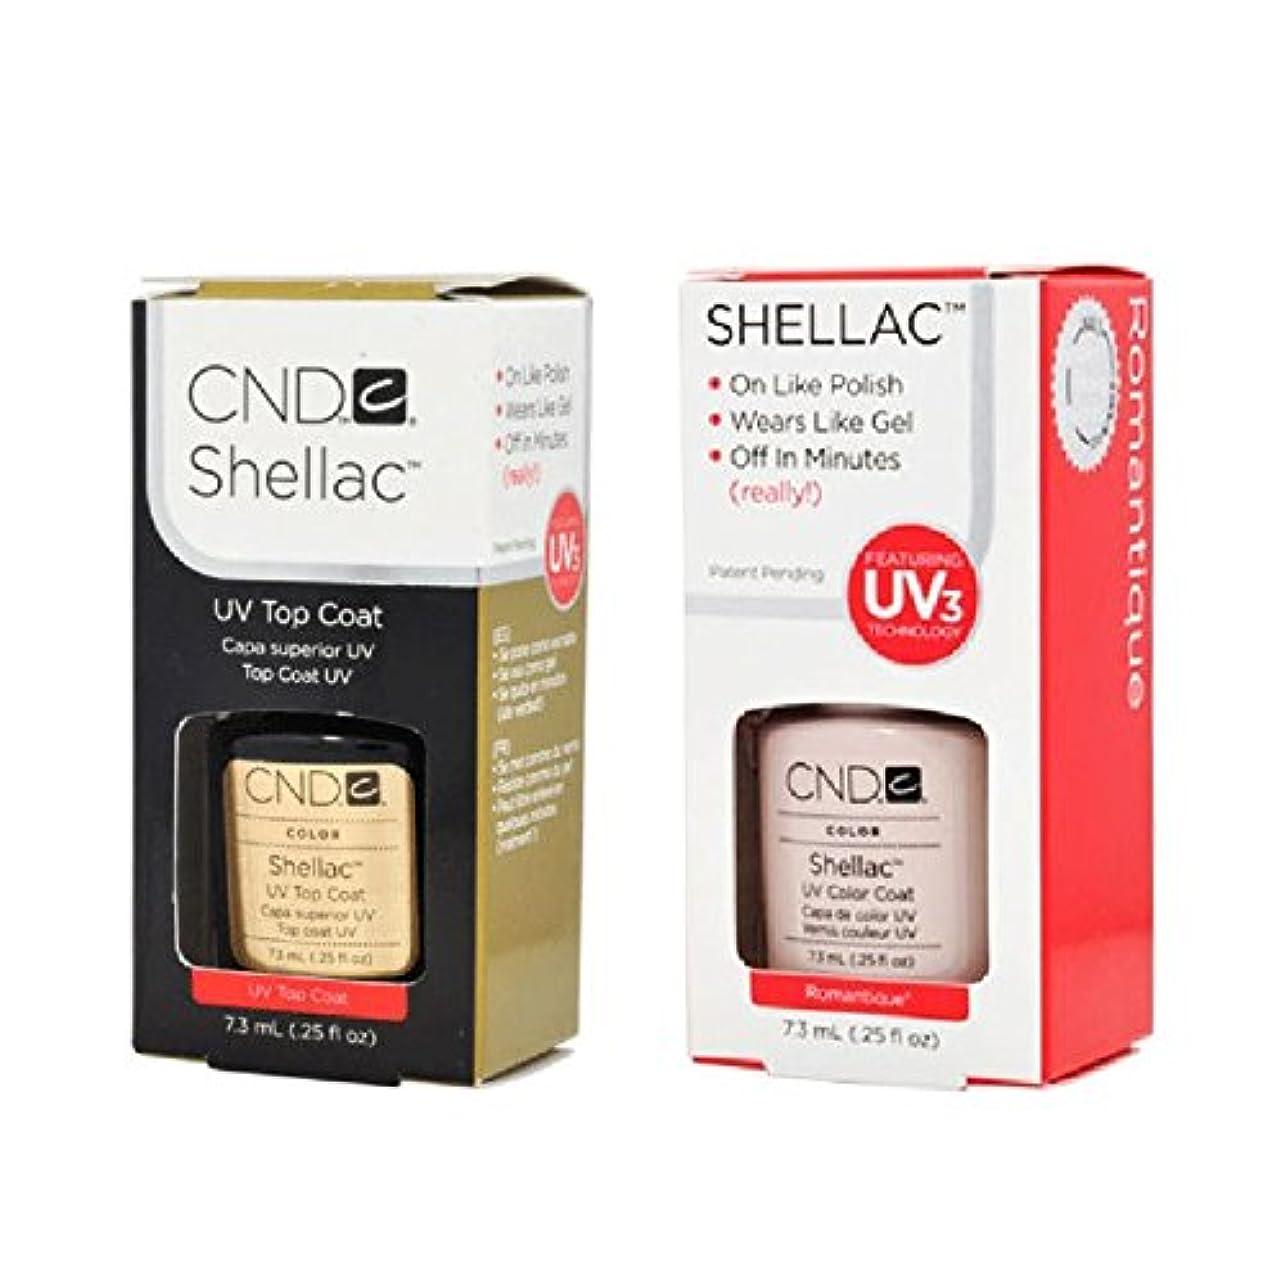 急ぐ手錠想像力CND Shellac UVトップコート 7.3m l  &  UV カラーコー< Romantique>7.3ml [海外直送品]